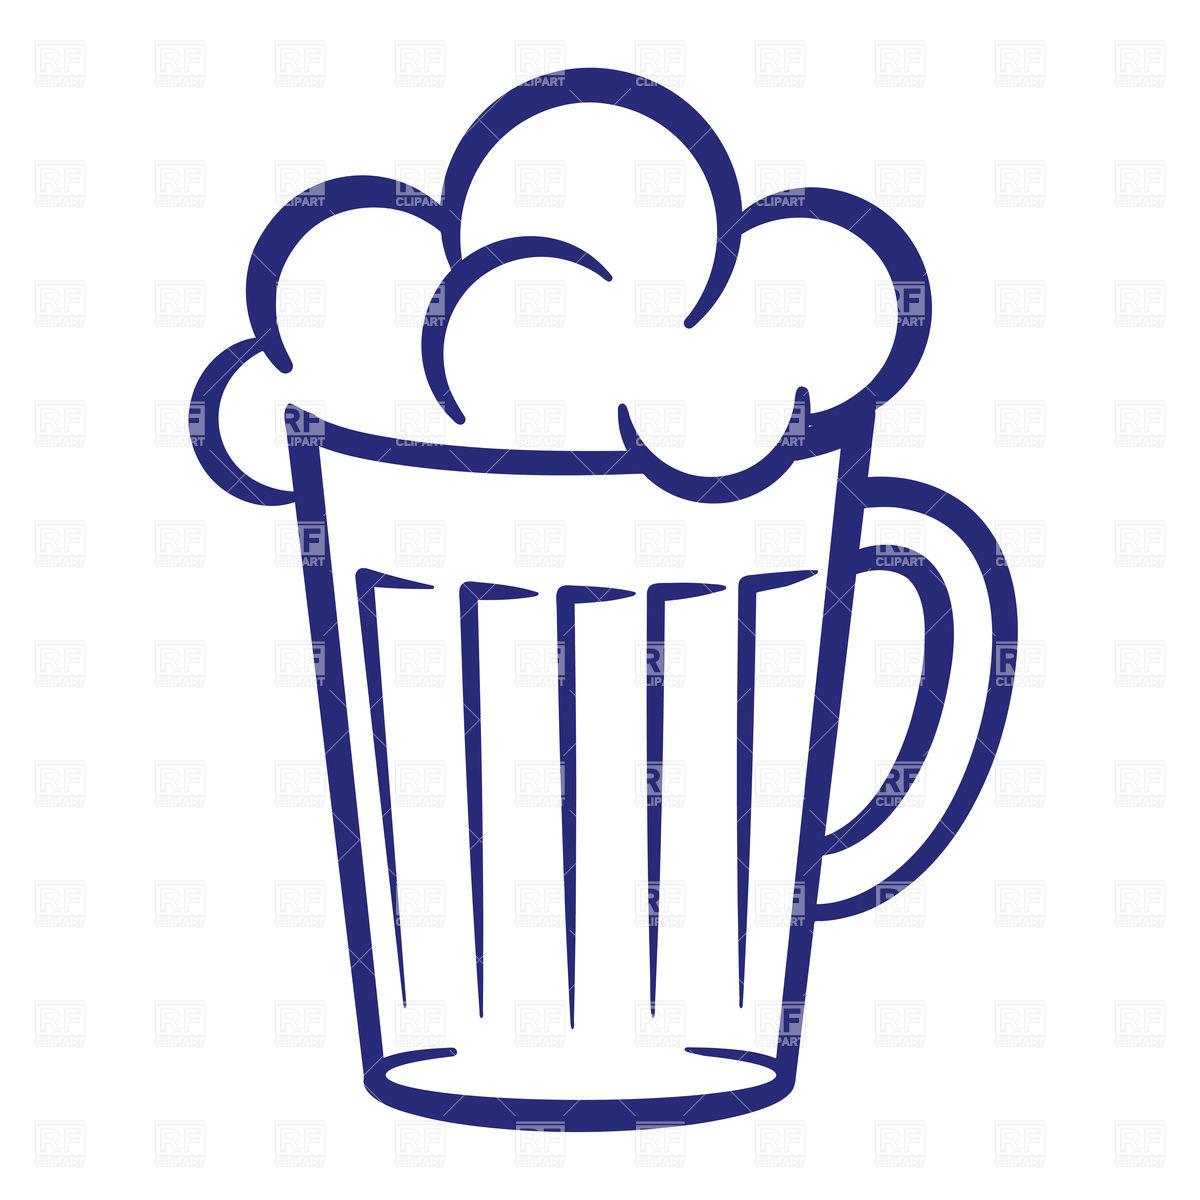 Beer foam clipart.